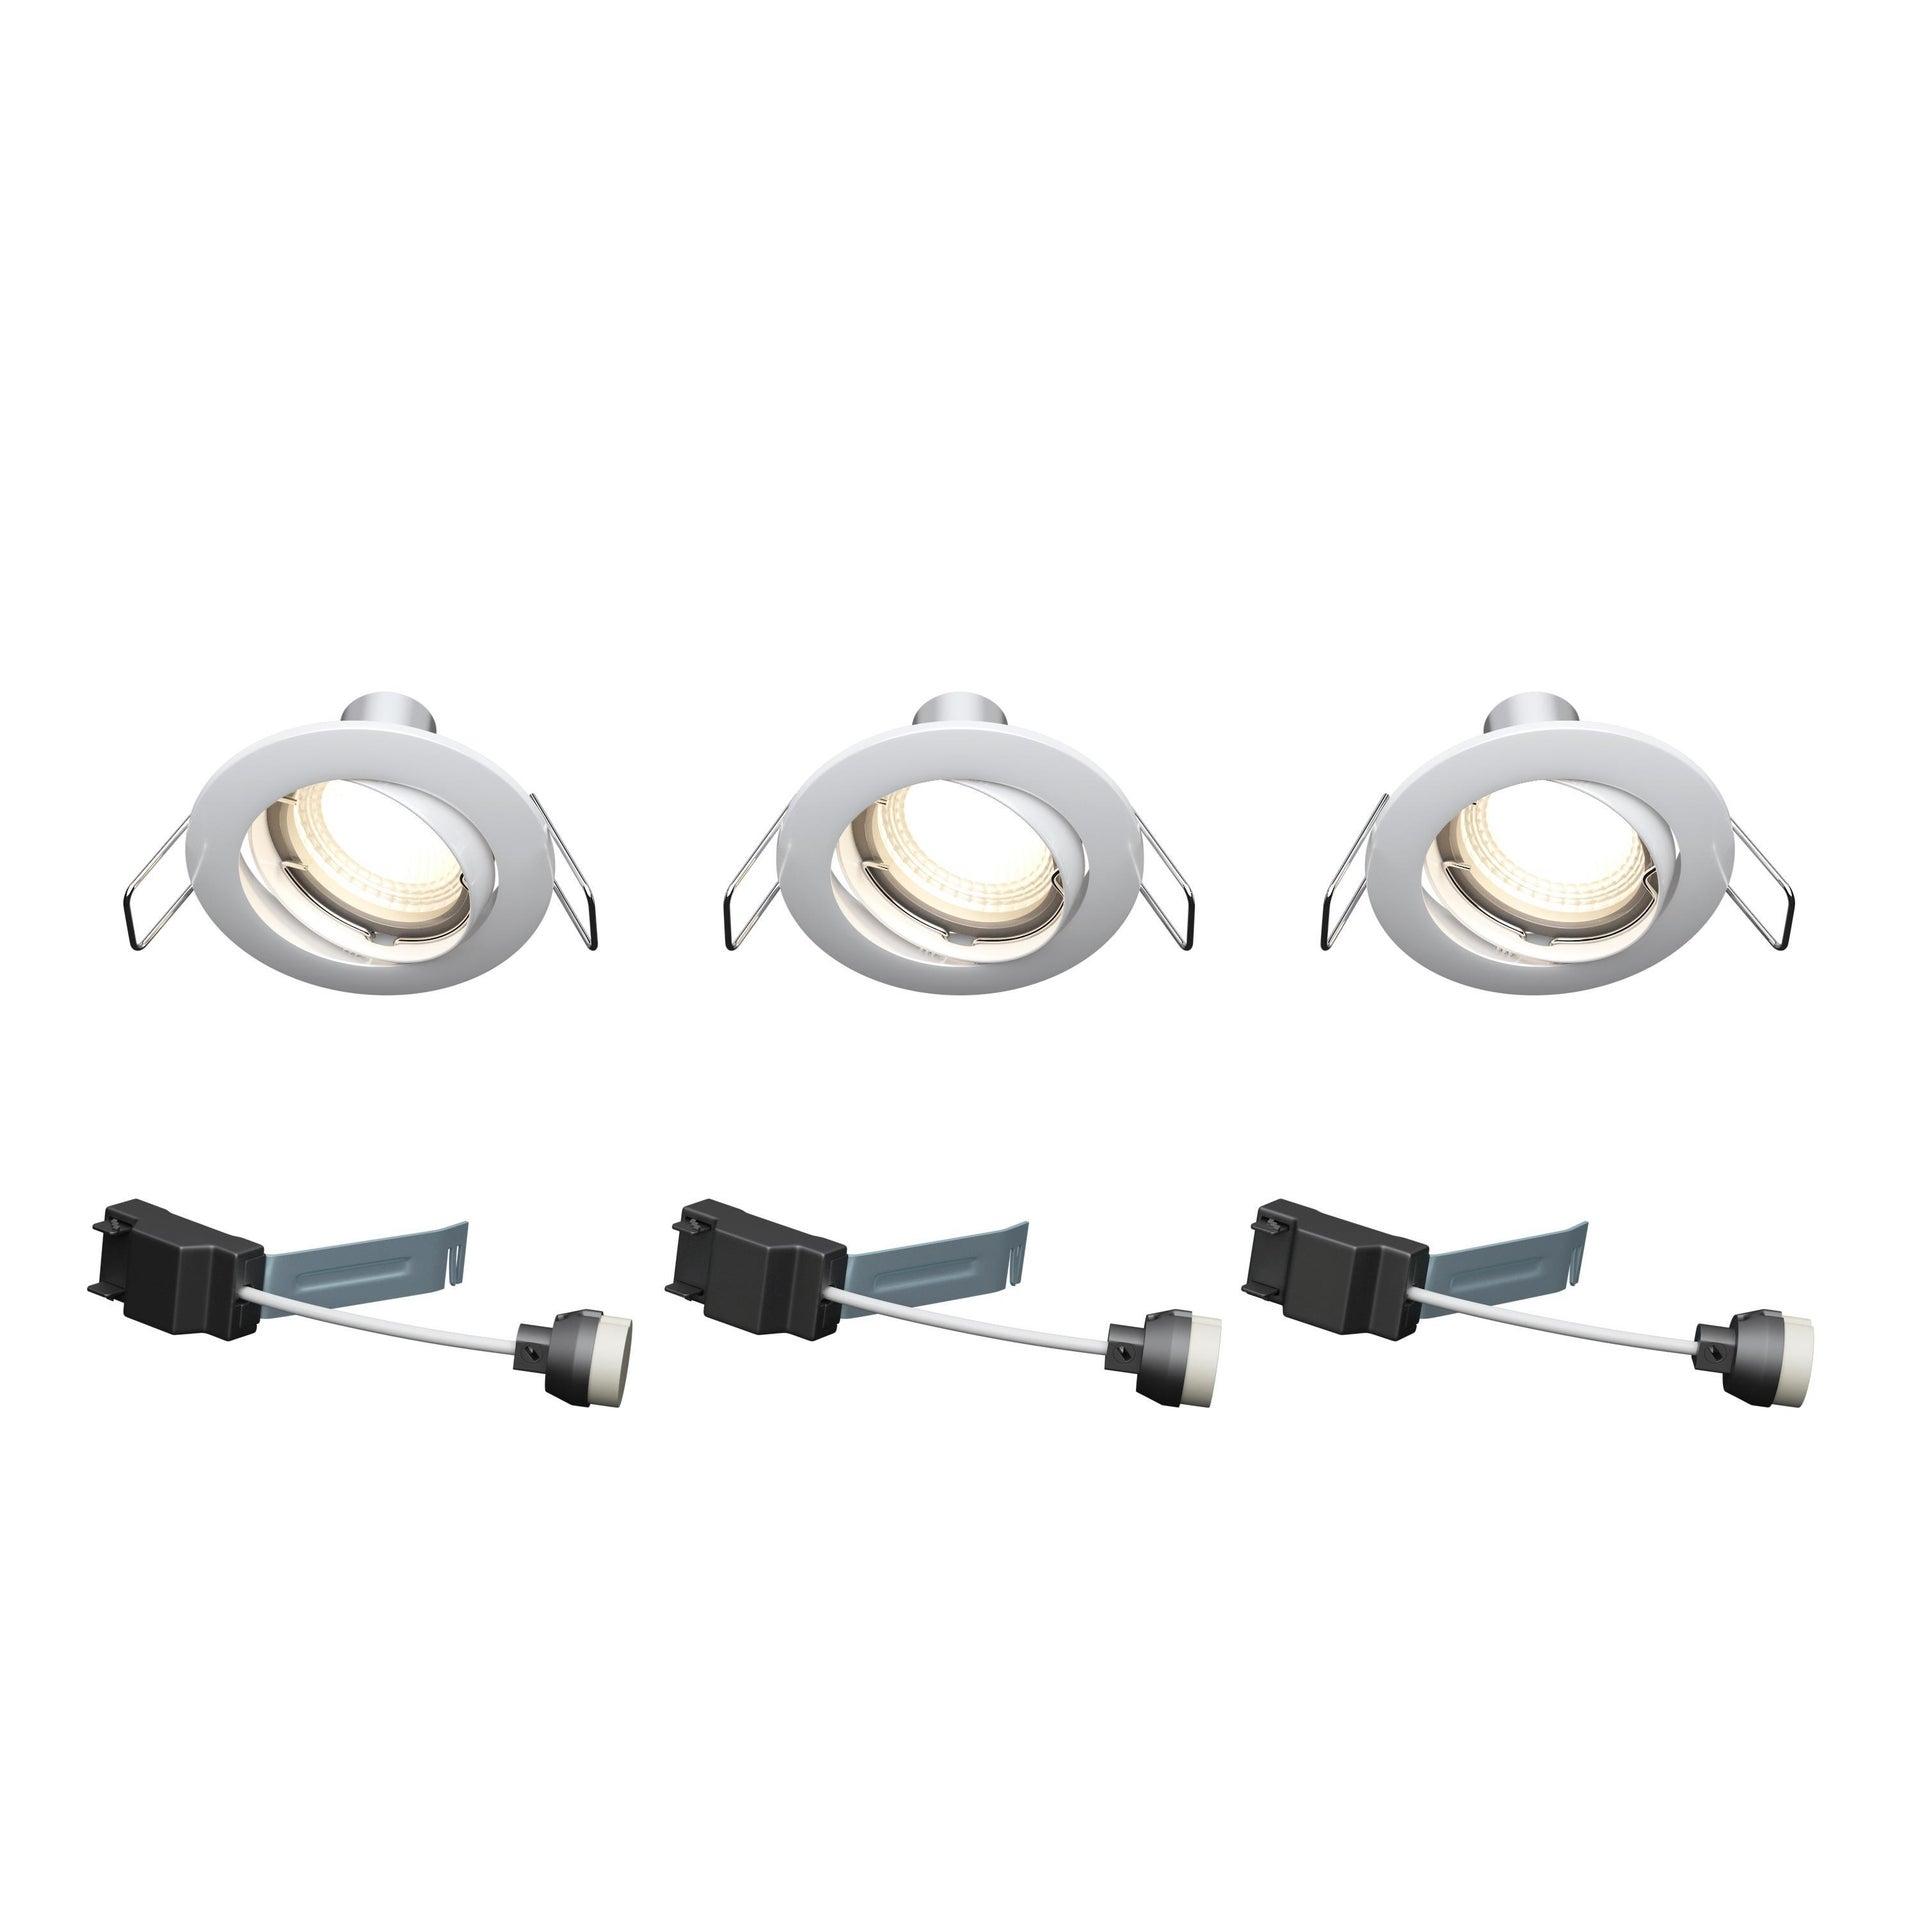 Set da 3 pezzi Faretto orientabile da incasso tondo Clane in Alluminio bianco, diam. 8.2 cm GU10 6W IP23 INSPIRE - 3